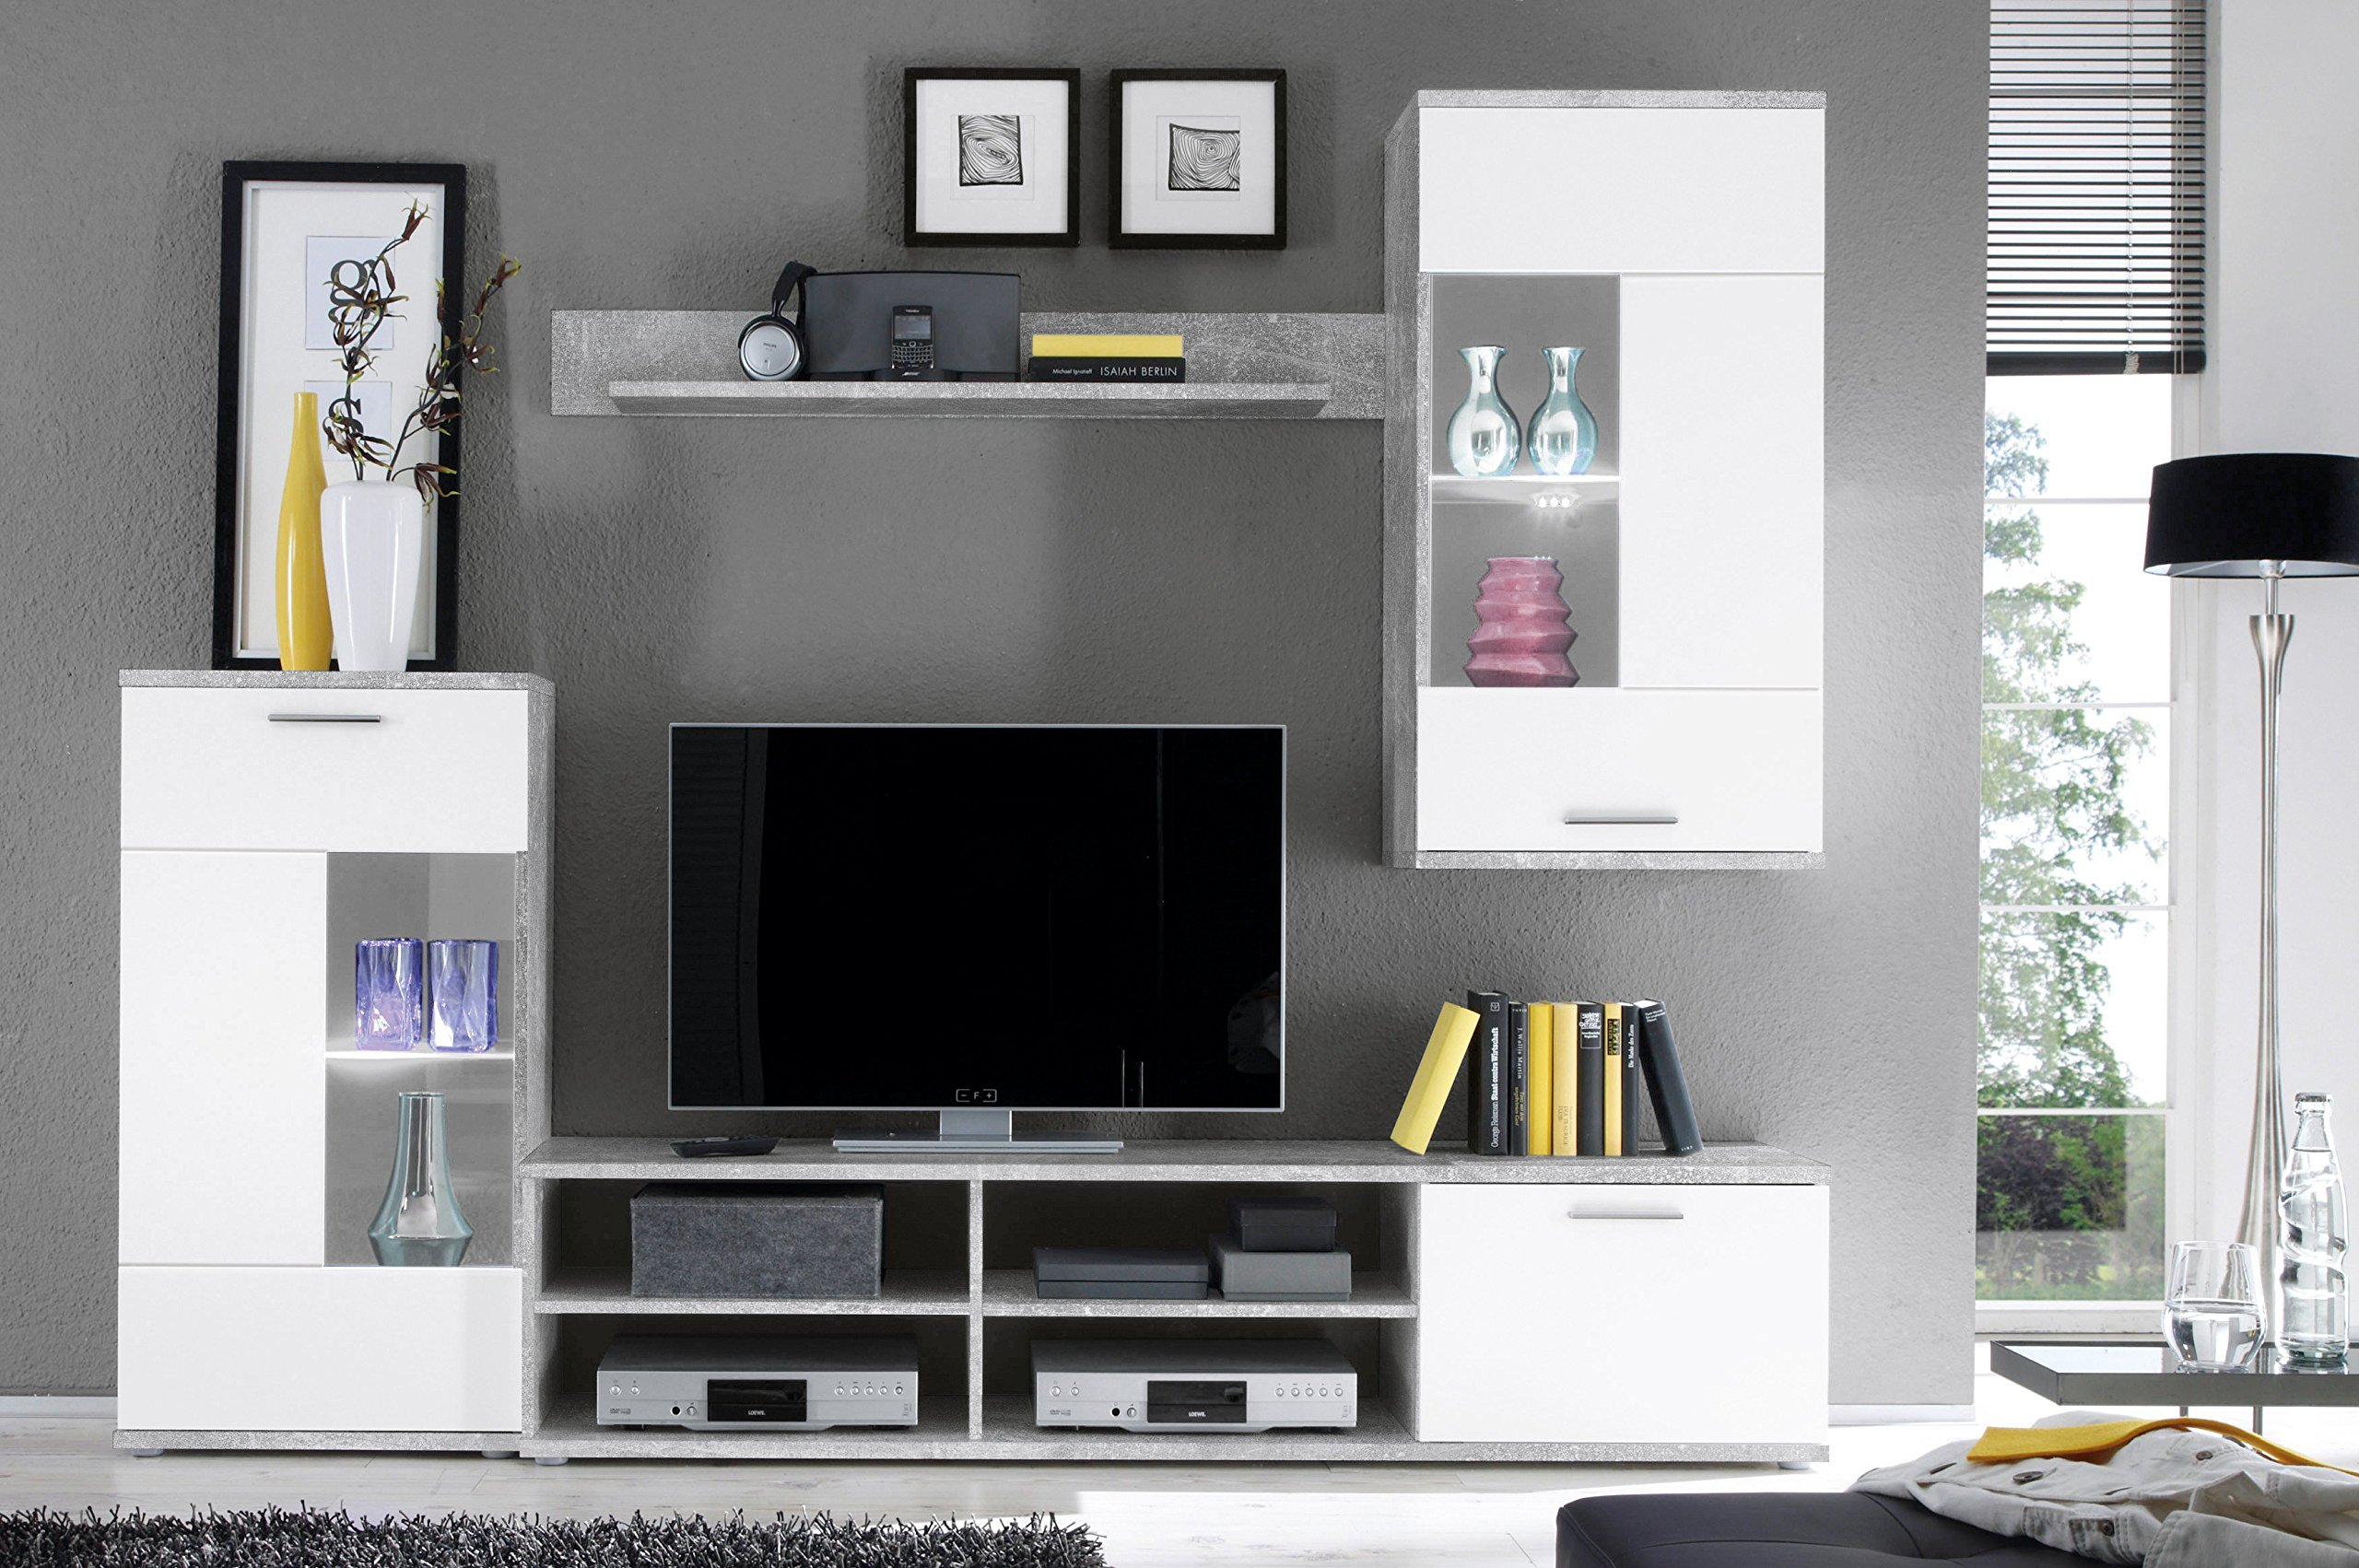 mobili porta tv da parete, bianca con vetrinette e luci a led.